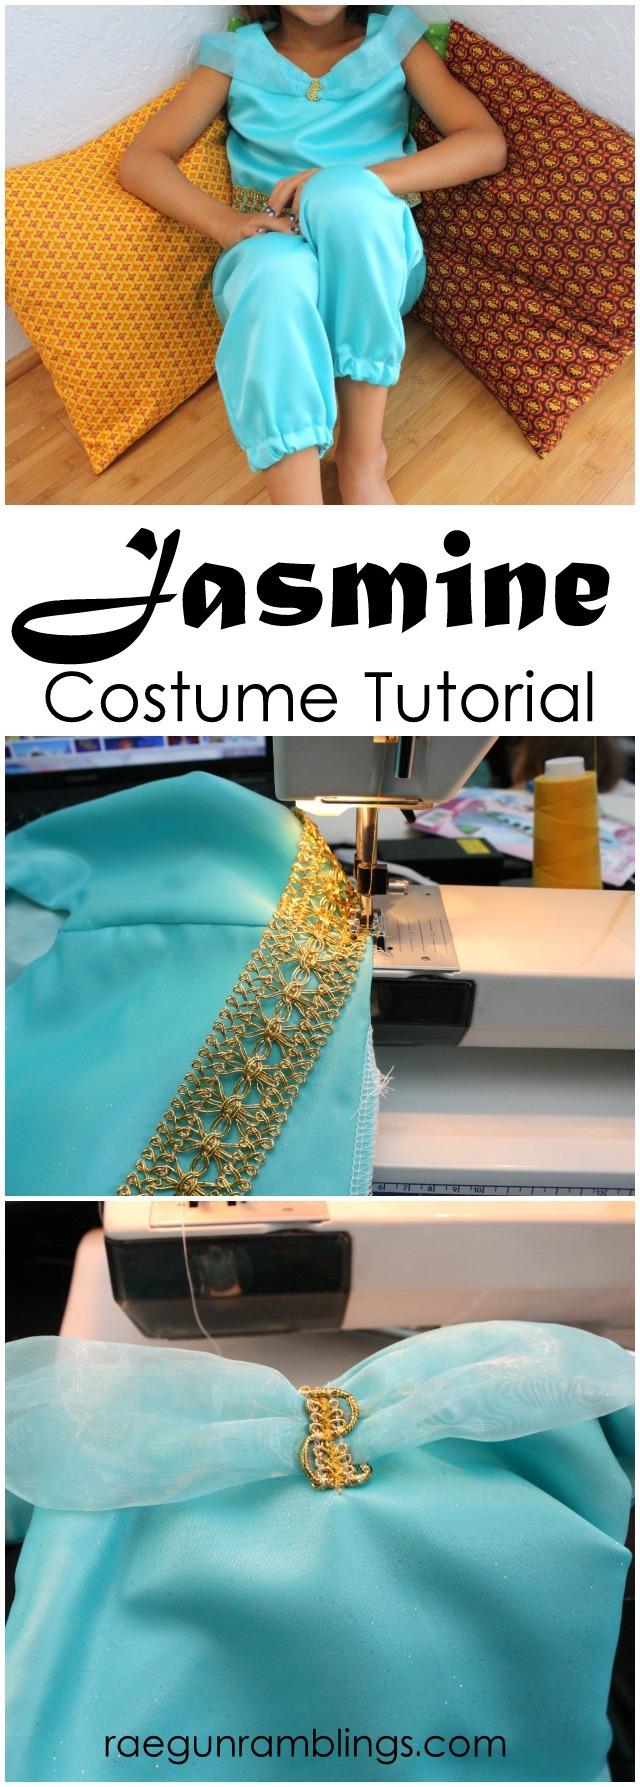 Princess Jasmine or Genie Costume Tutorial at Rae Gun Ramblings